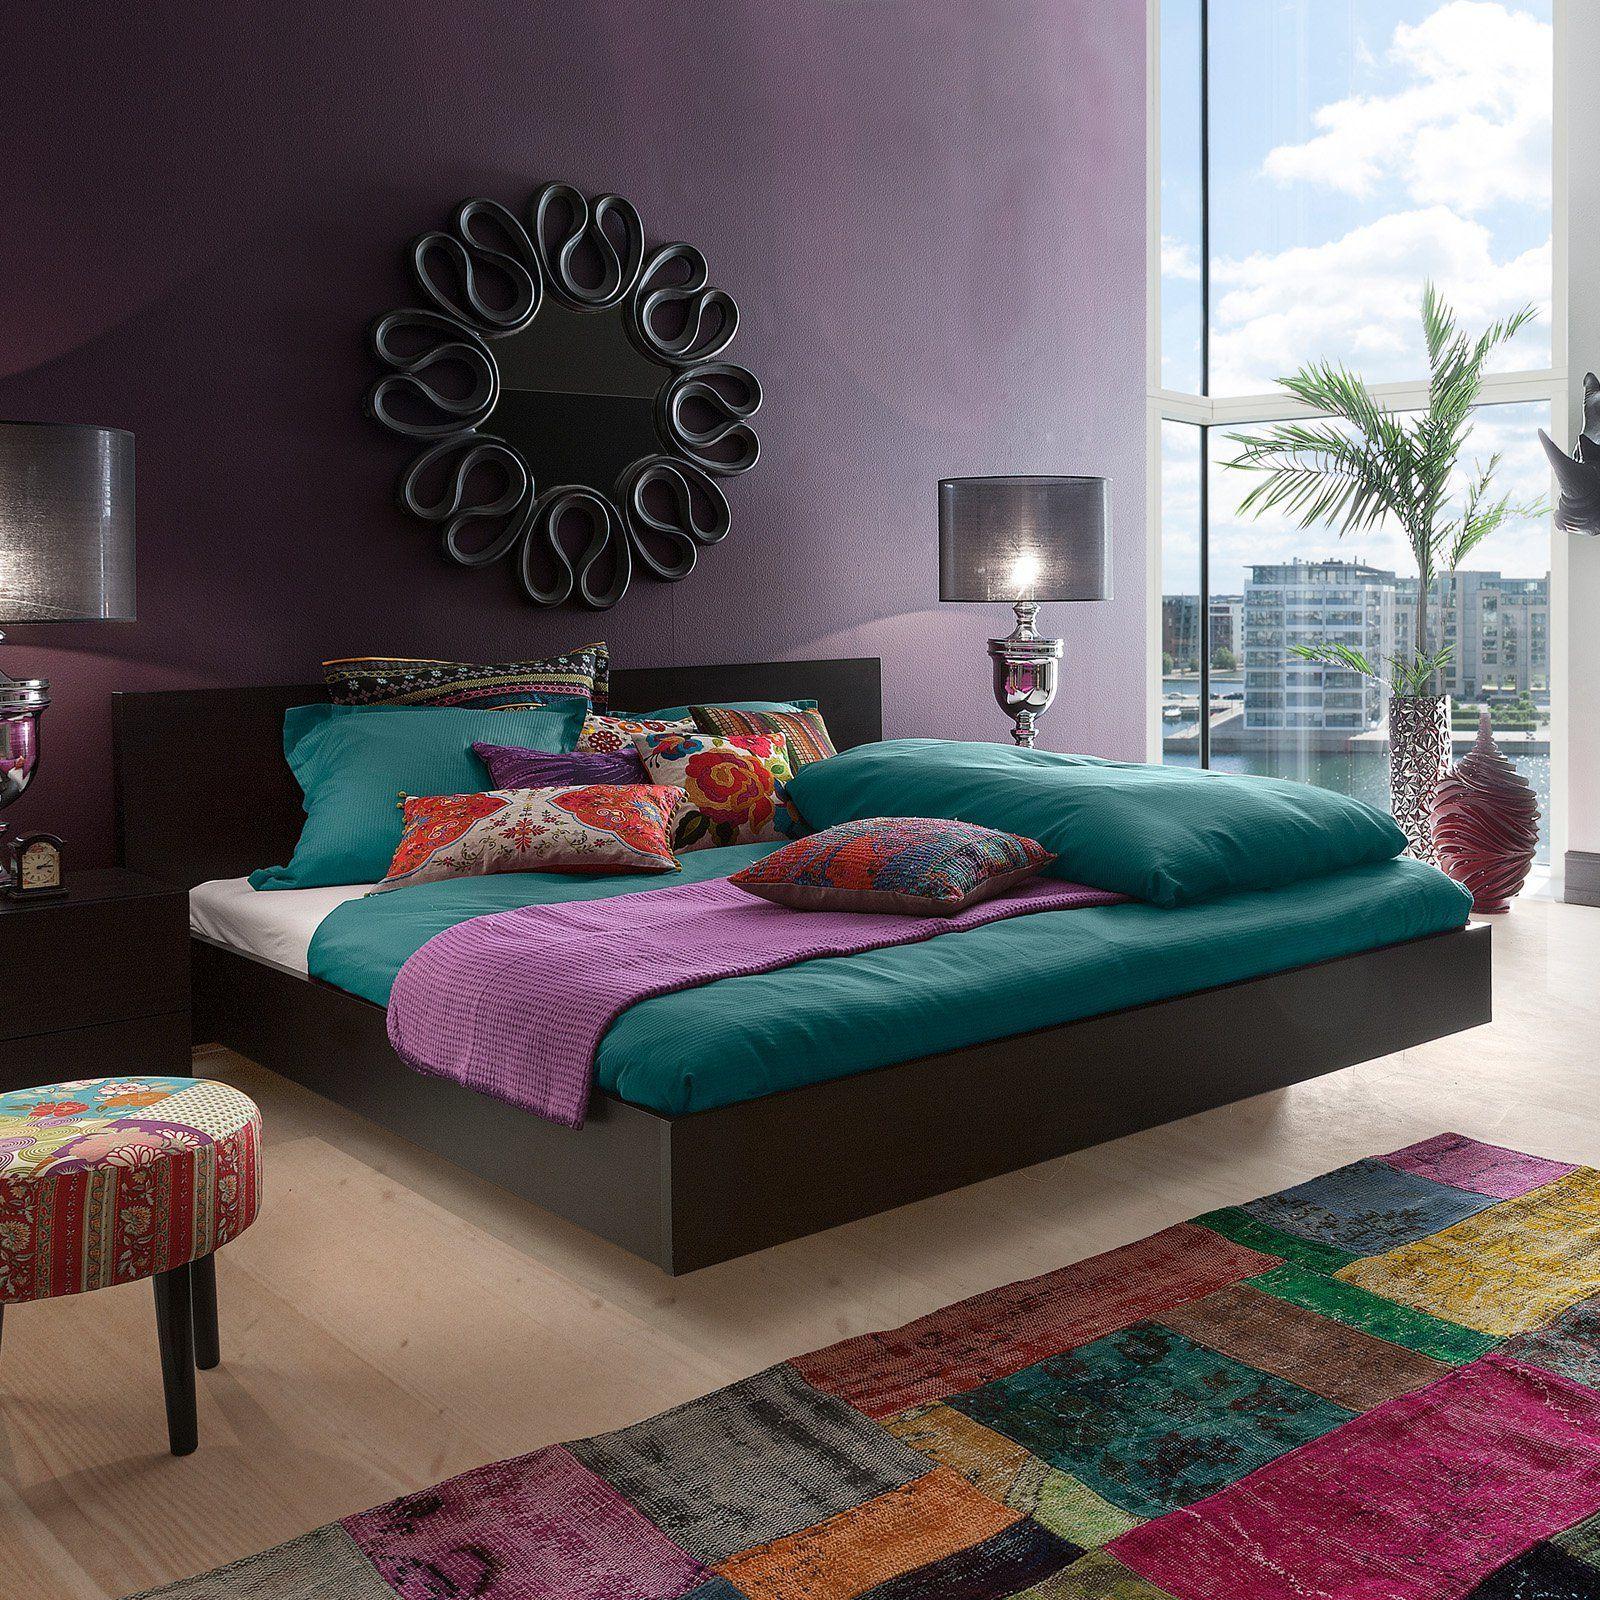 Épinglé sur Purple & Violet decor